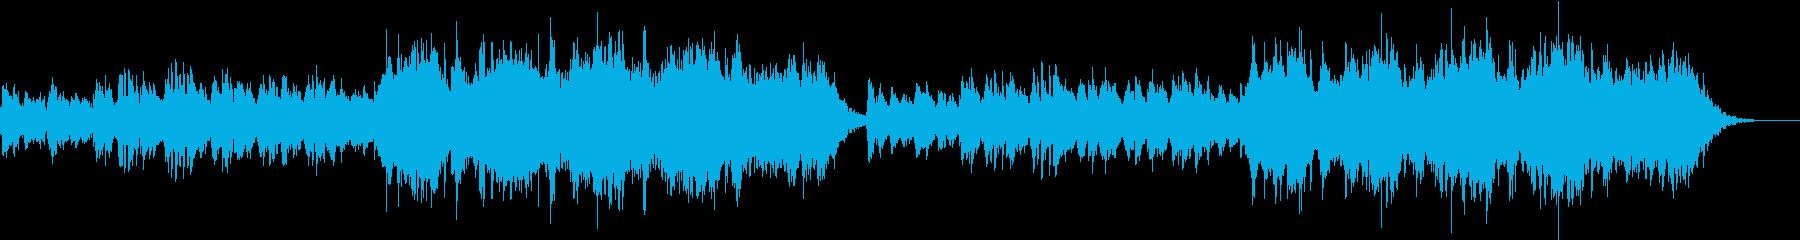 神秘的、幻想的で静かなアンビエントBGMの再生済みの波形